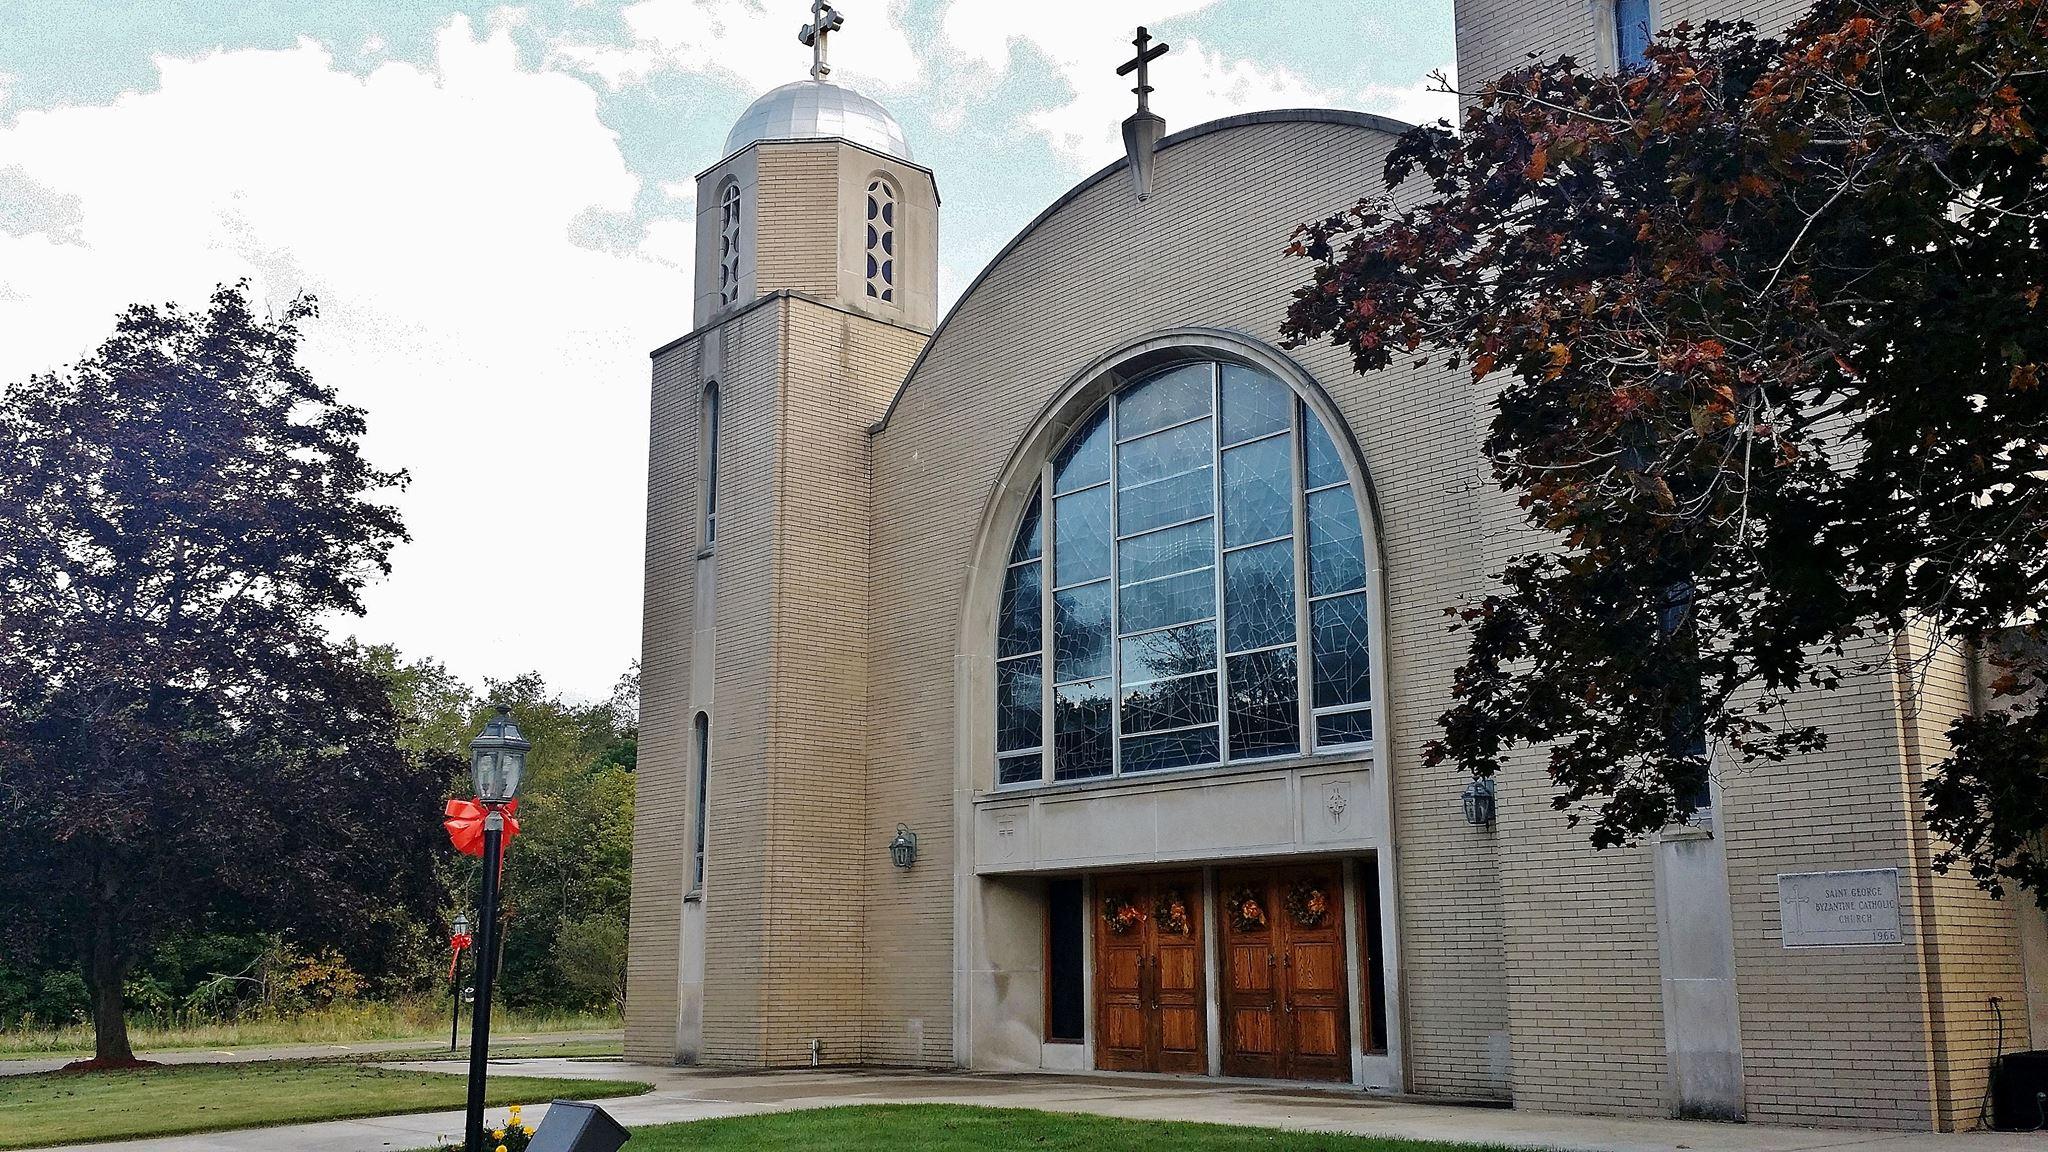 St George Byzantine Catholic